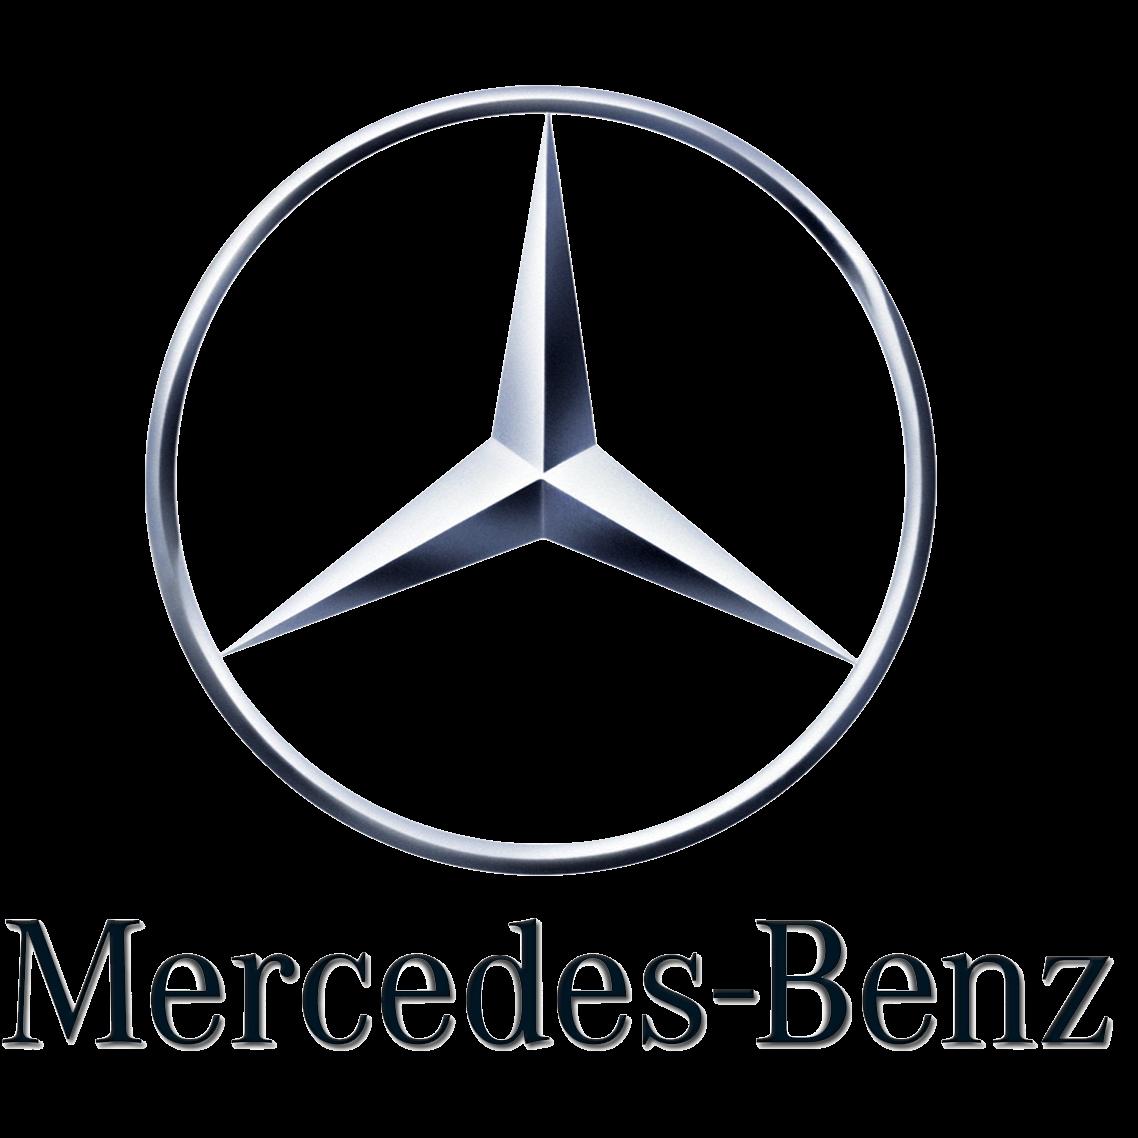 mercedes-logo-png.png